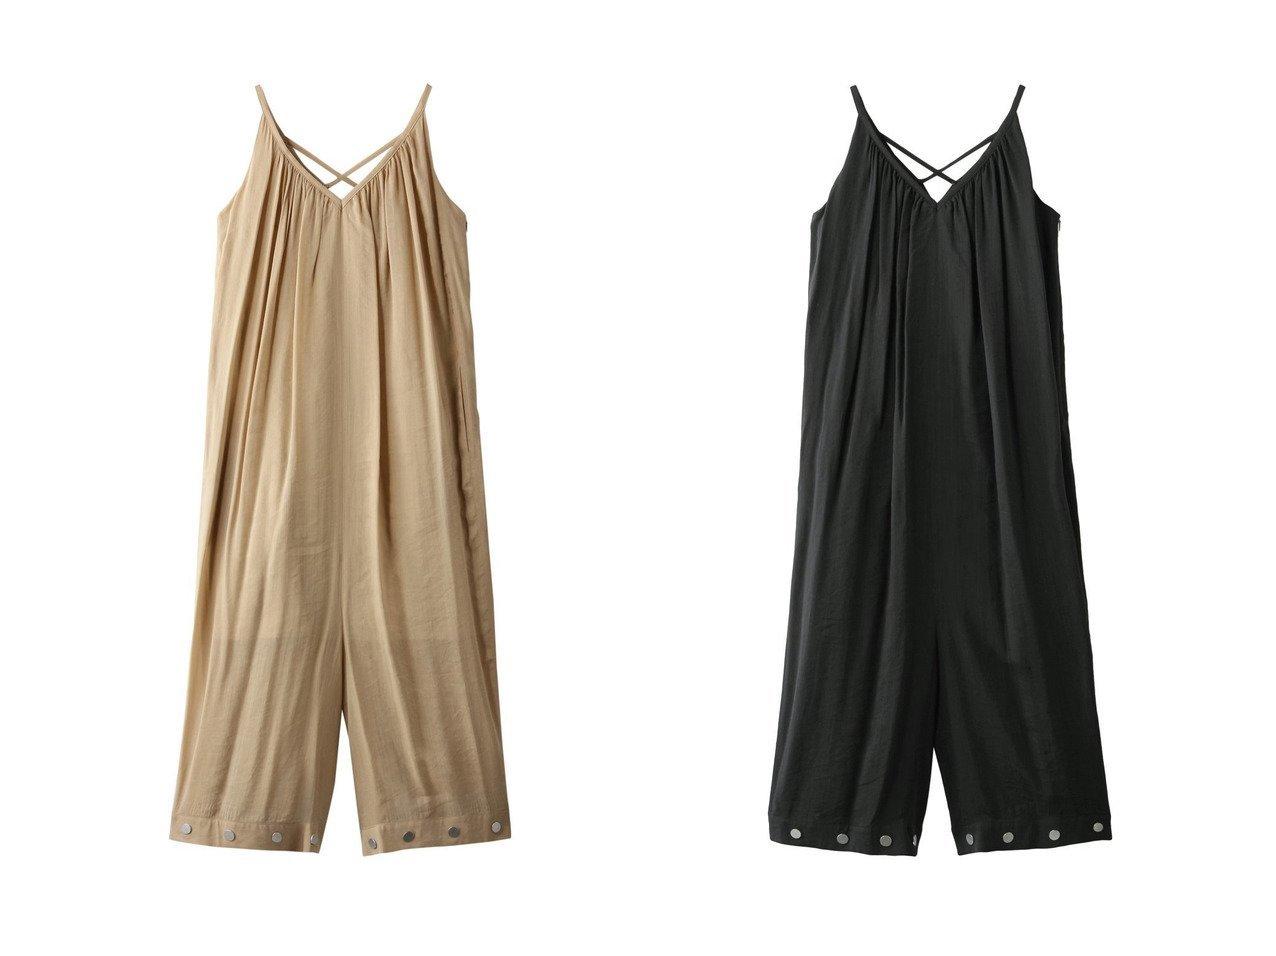 【AKIRANAKA/アキラナカ】のViivi トップコンビネゾン 【ワンピース・ドレス】おすすめ!人気、トレンド・レディースファッションの通販 おすすめで人気の流行・トレンド、ファッションの通販商品 メンズファッション・キッズファッション・インテリア・家具・レディースファッション・服の通販 founy(ファニー) https://founy.com/ ファッション Fashion レディースファッション WOMEN パンツ Pants 2021年 2021 2021春夏・S/S SS/Spring/Summer/2021 S/S・春夏 SS・Spring/Summer シアー シルバー リネン 春 Spring  ID:crp329100000028619